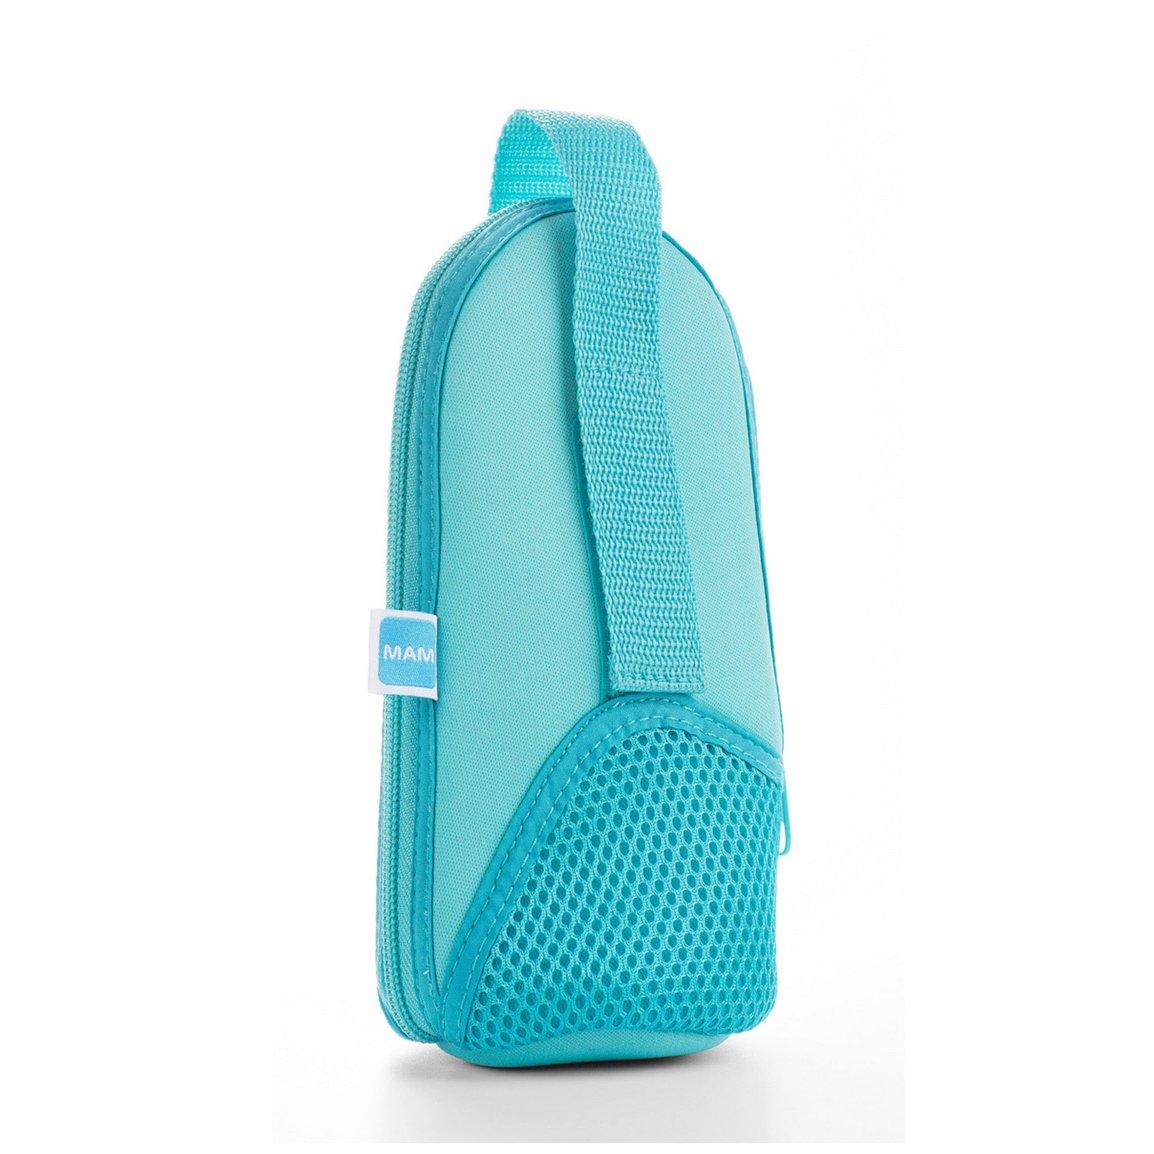 Mam Thermal Bag Θερμομονωτική Θήκη για Μπιμπερό Κωδ 780, 1 Τεμάχιο – γαλάζιο